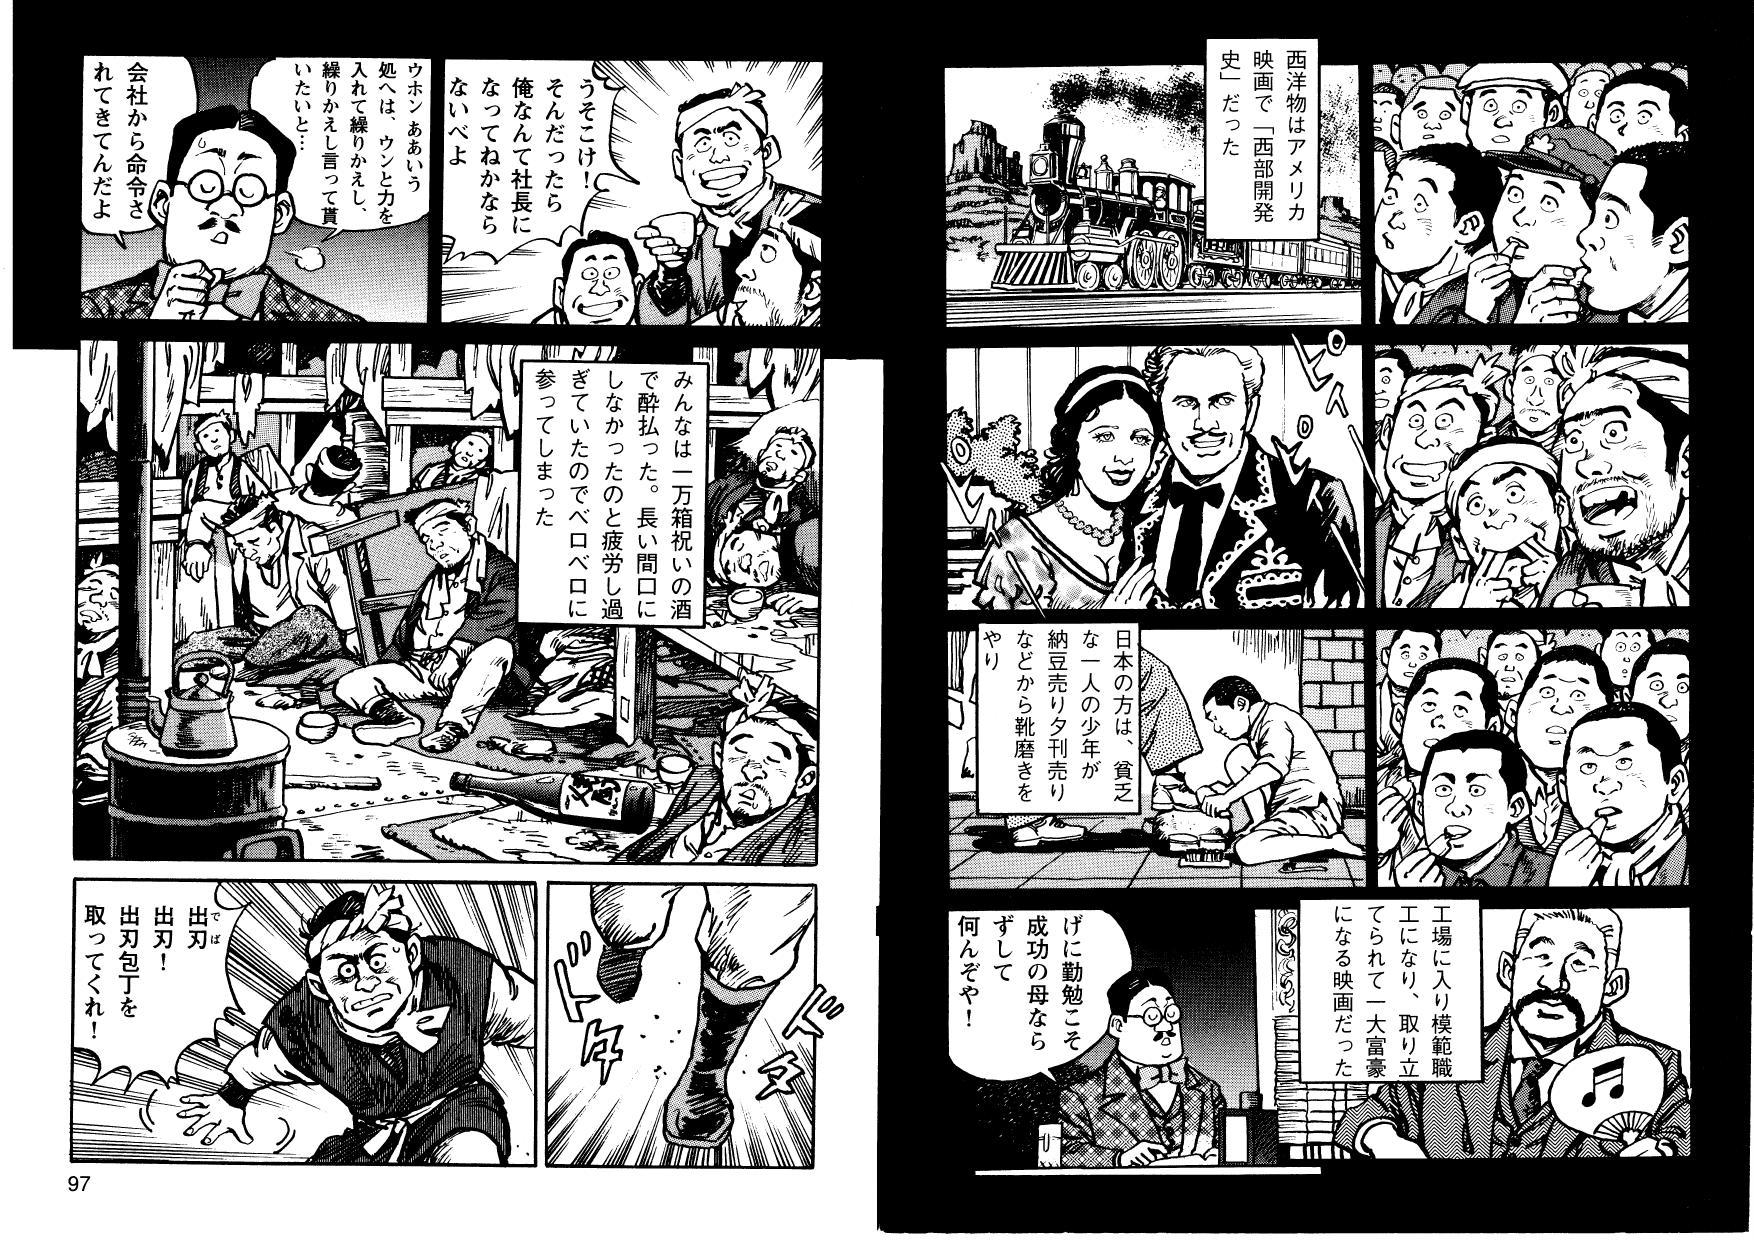 kani_cmc_000049.jpg